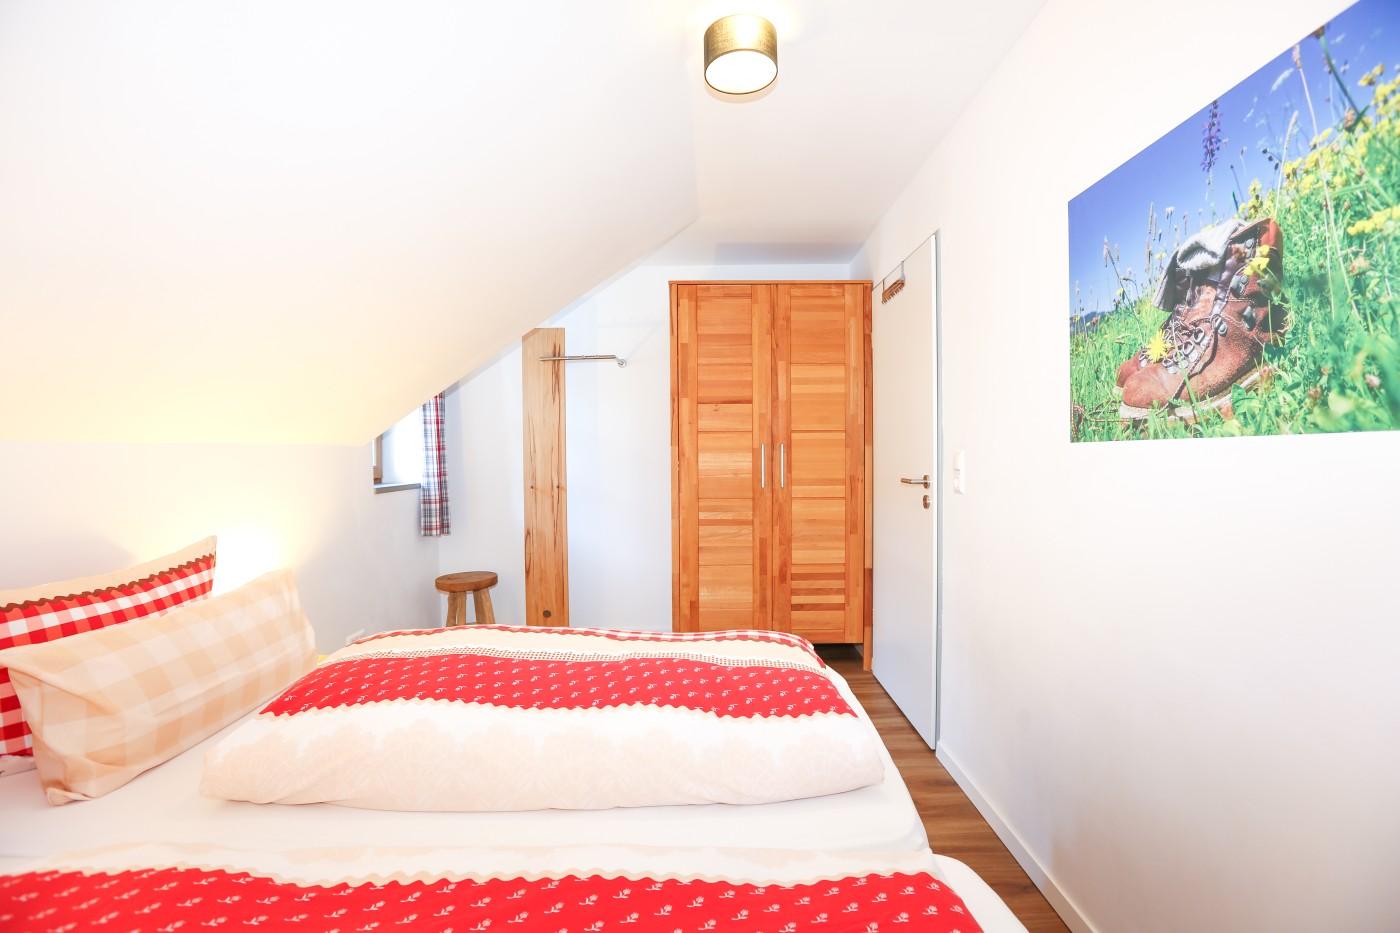 Ferienwohnung Georg Mayer Haus / Wohnung 8 (2397457), Oberstdorf, Allgäu (Bayern), Bayern, Deutschland, Bild 15